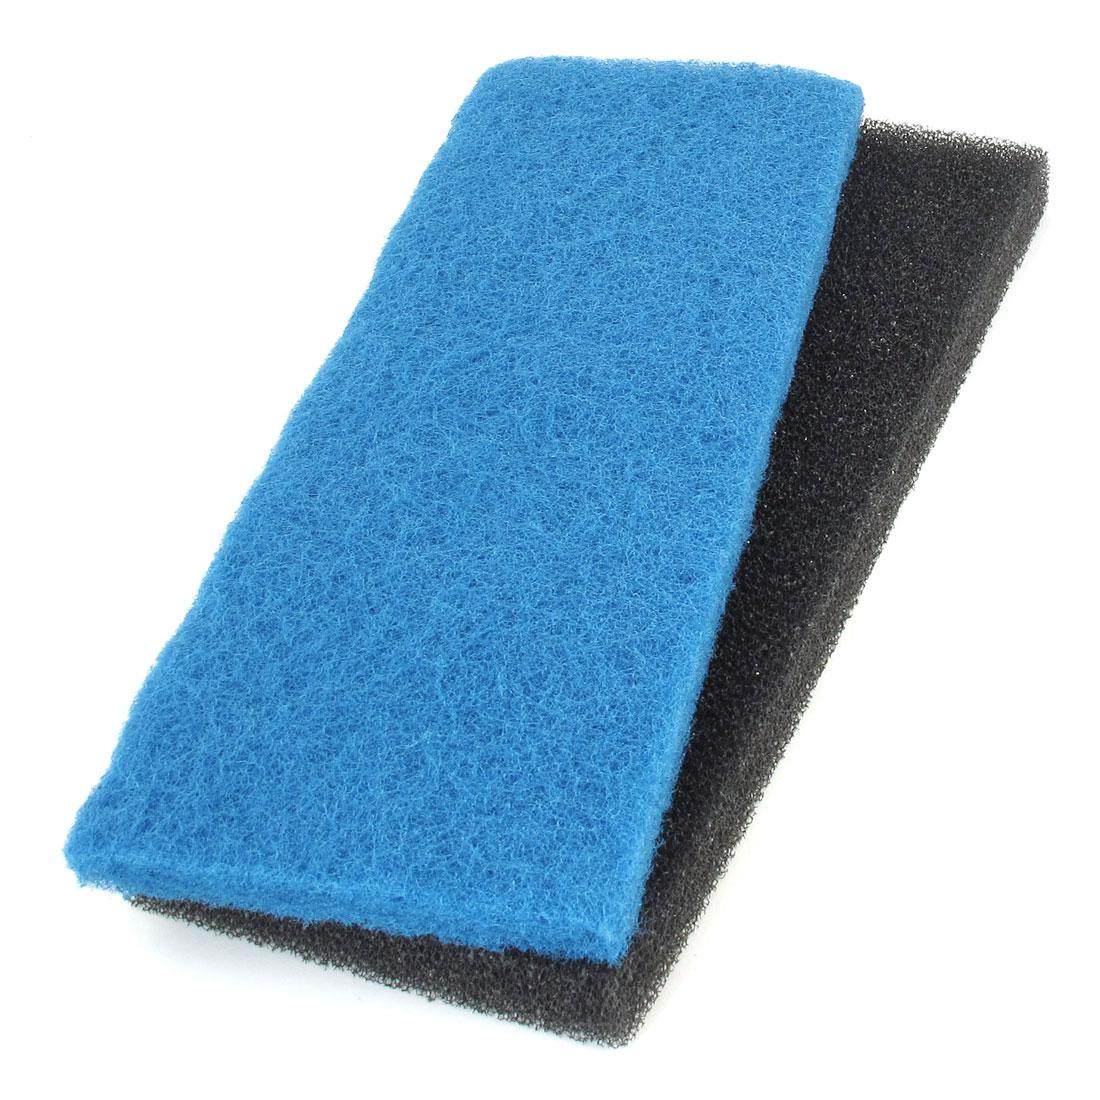 """2 Pcs Blue Black 12.6"""" Long Biochemical Filter Sponges for Aquarium"""